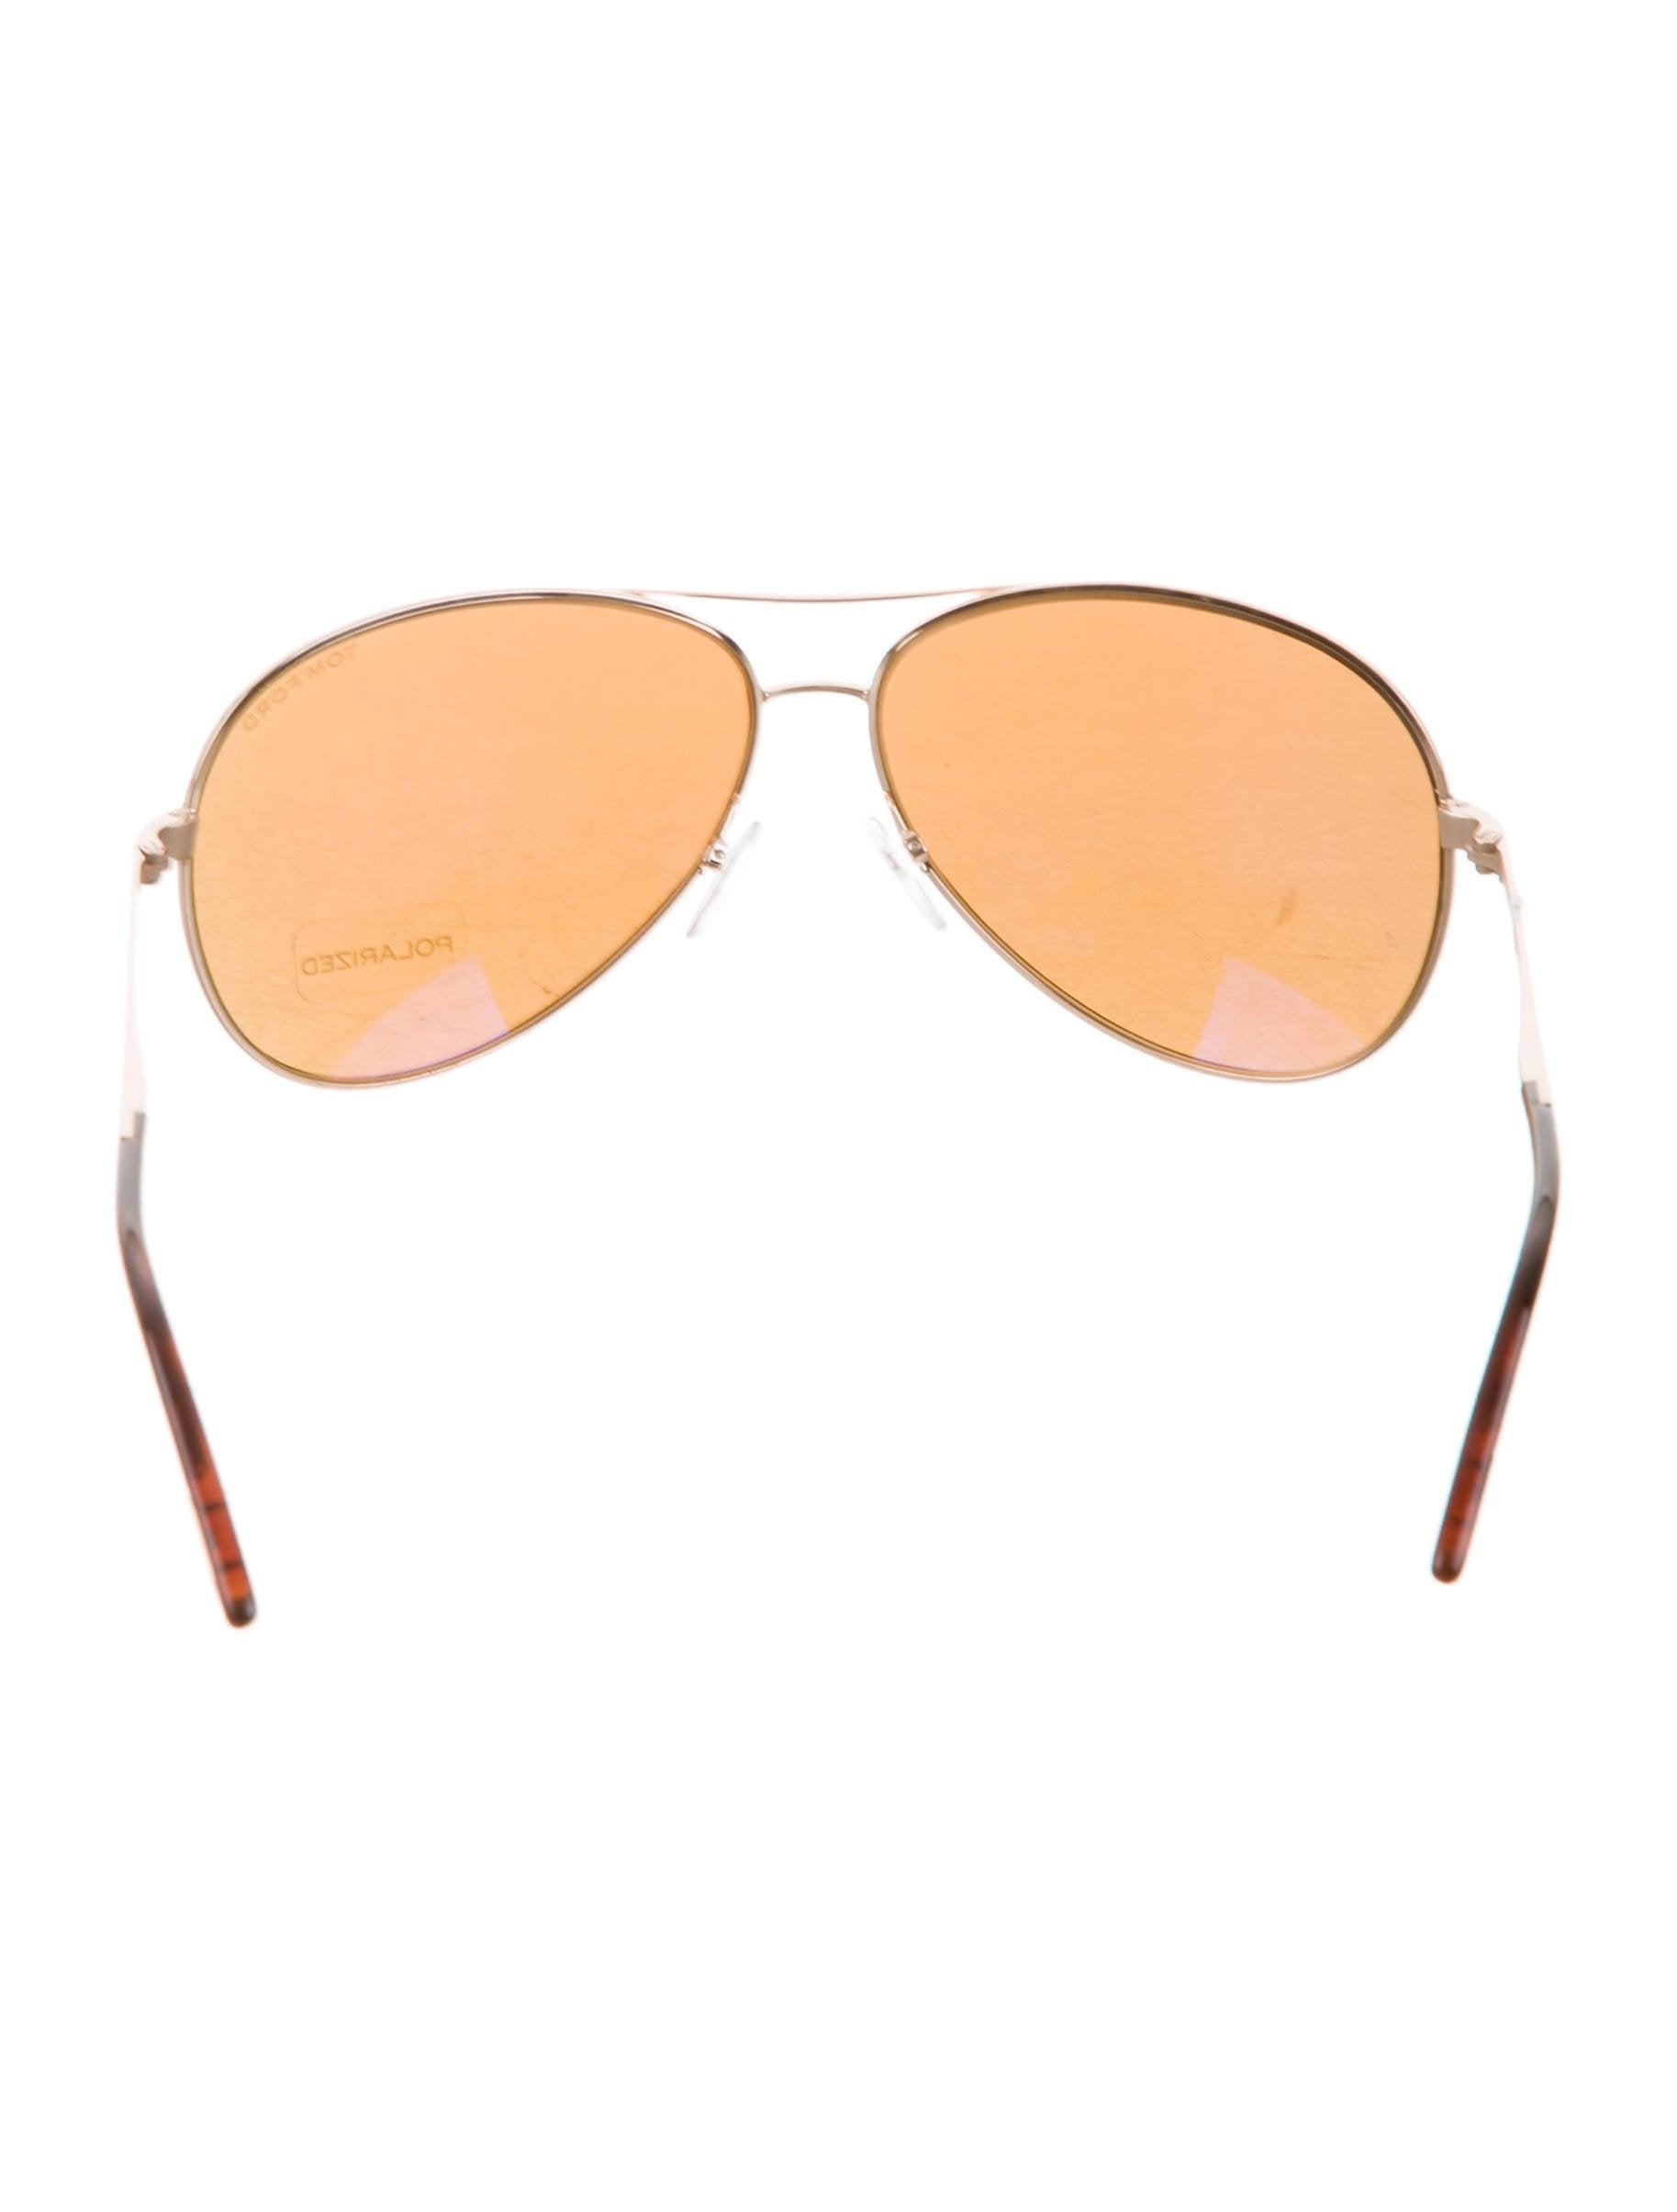 e2bc6e58f0df Tom Ford Charles Aviator Sunglasses - Accessories - TOM36750